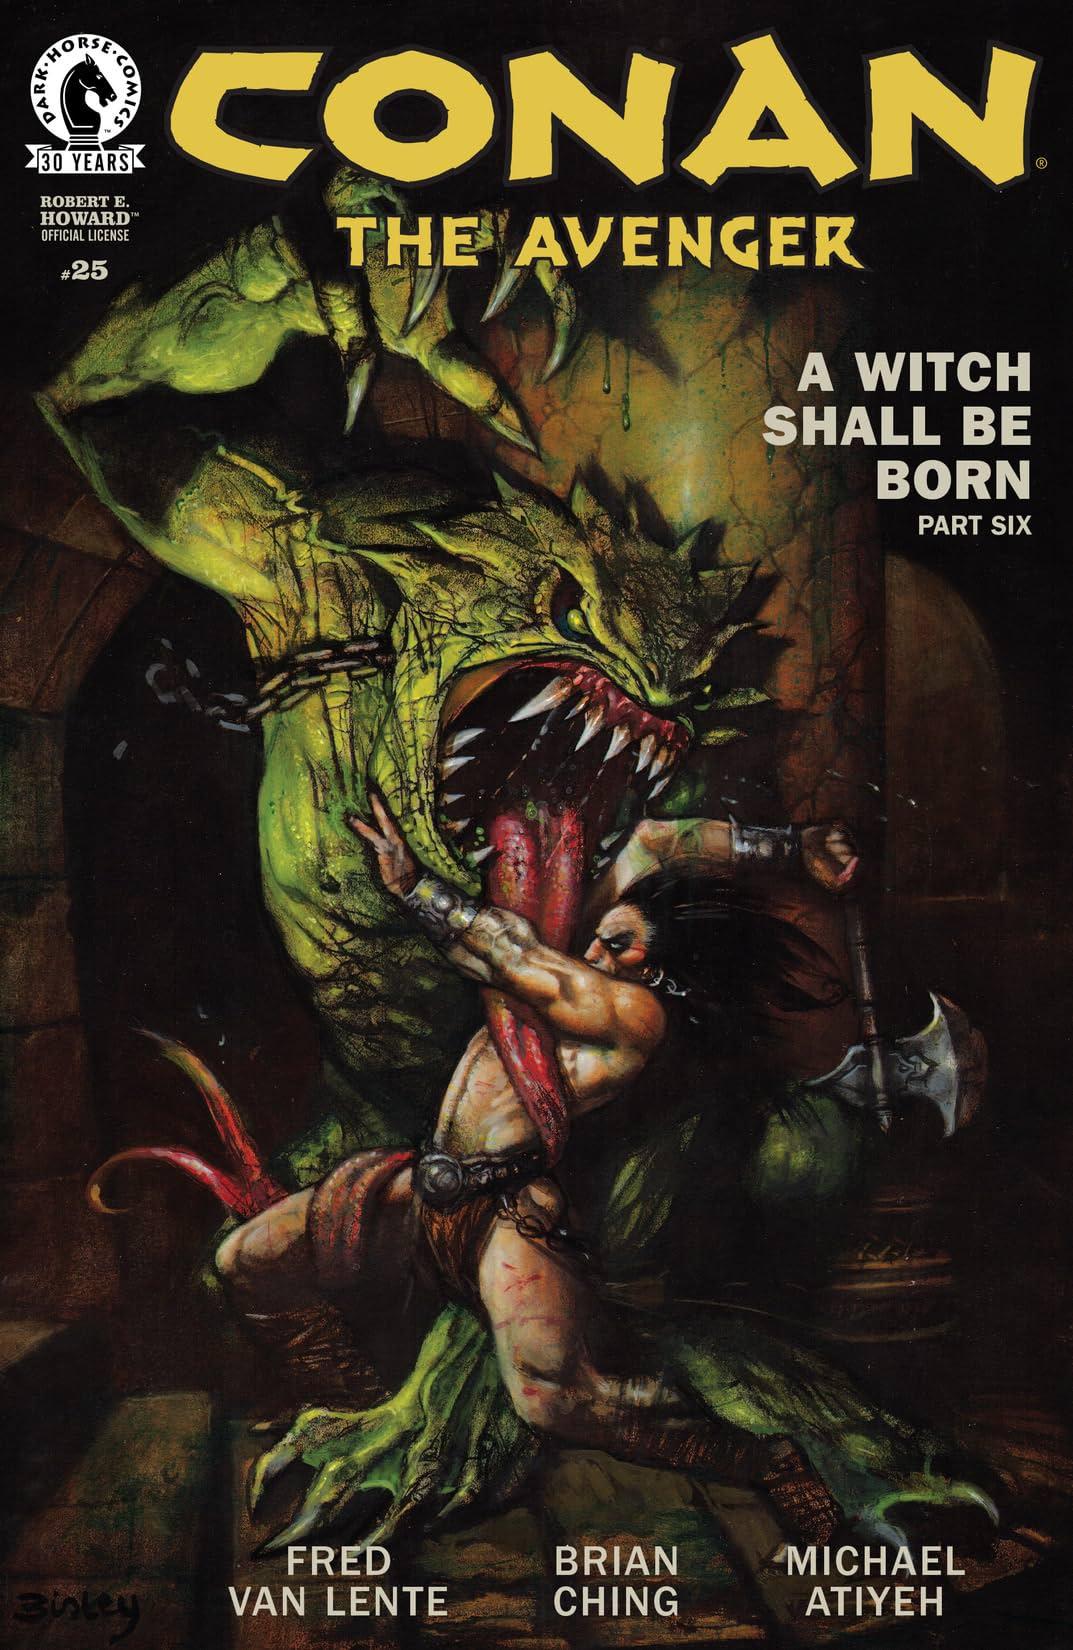 Conan the Avenger #25